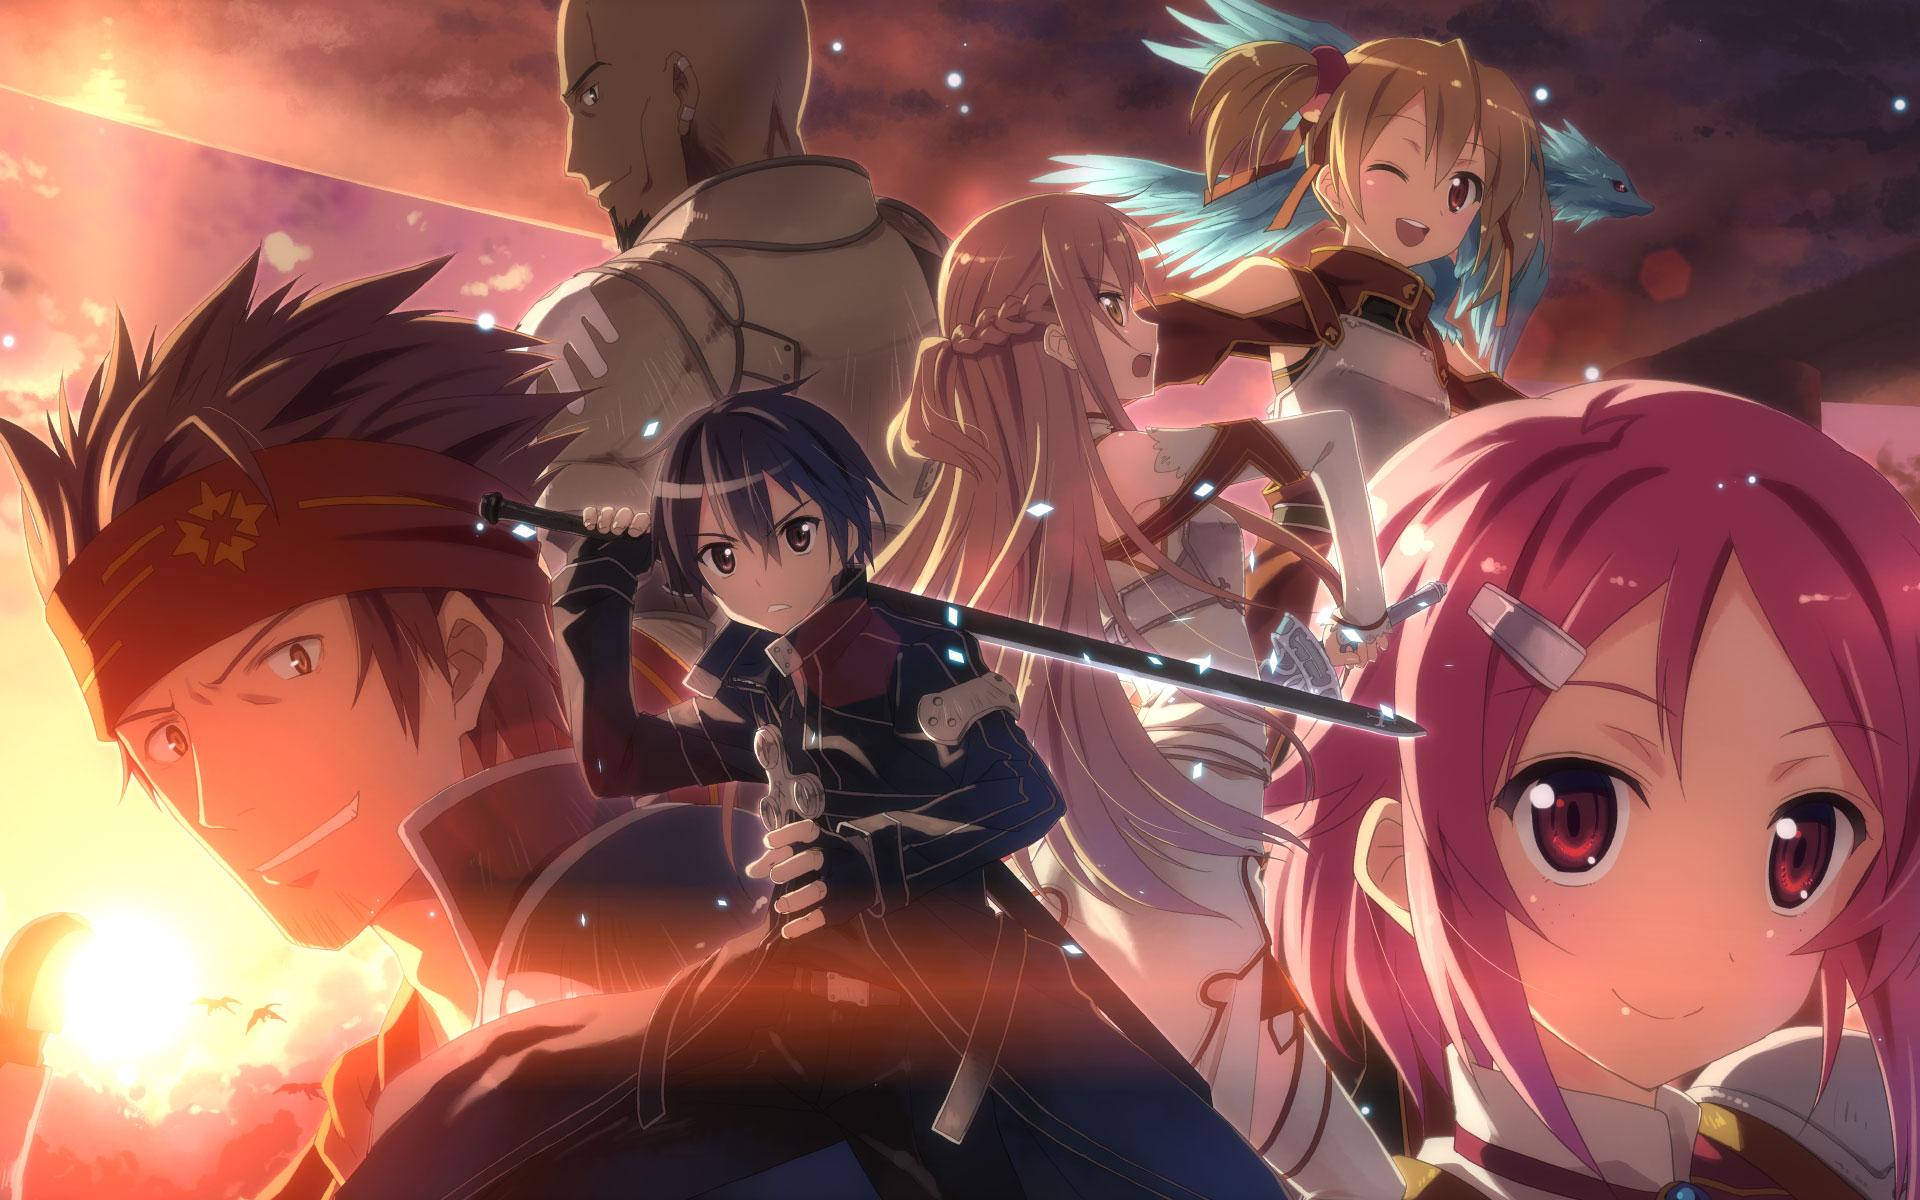 [Wallpapers] Sword Art Online